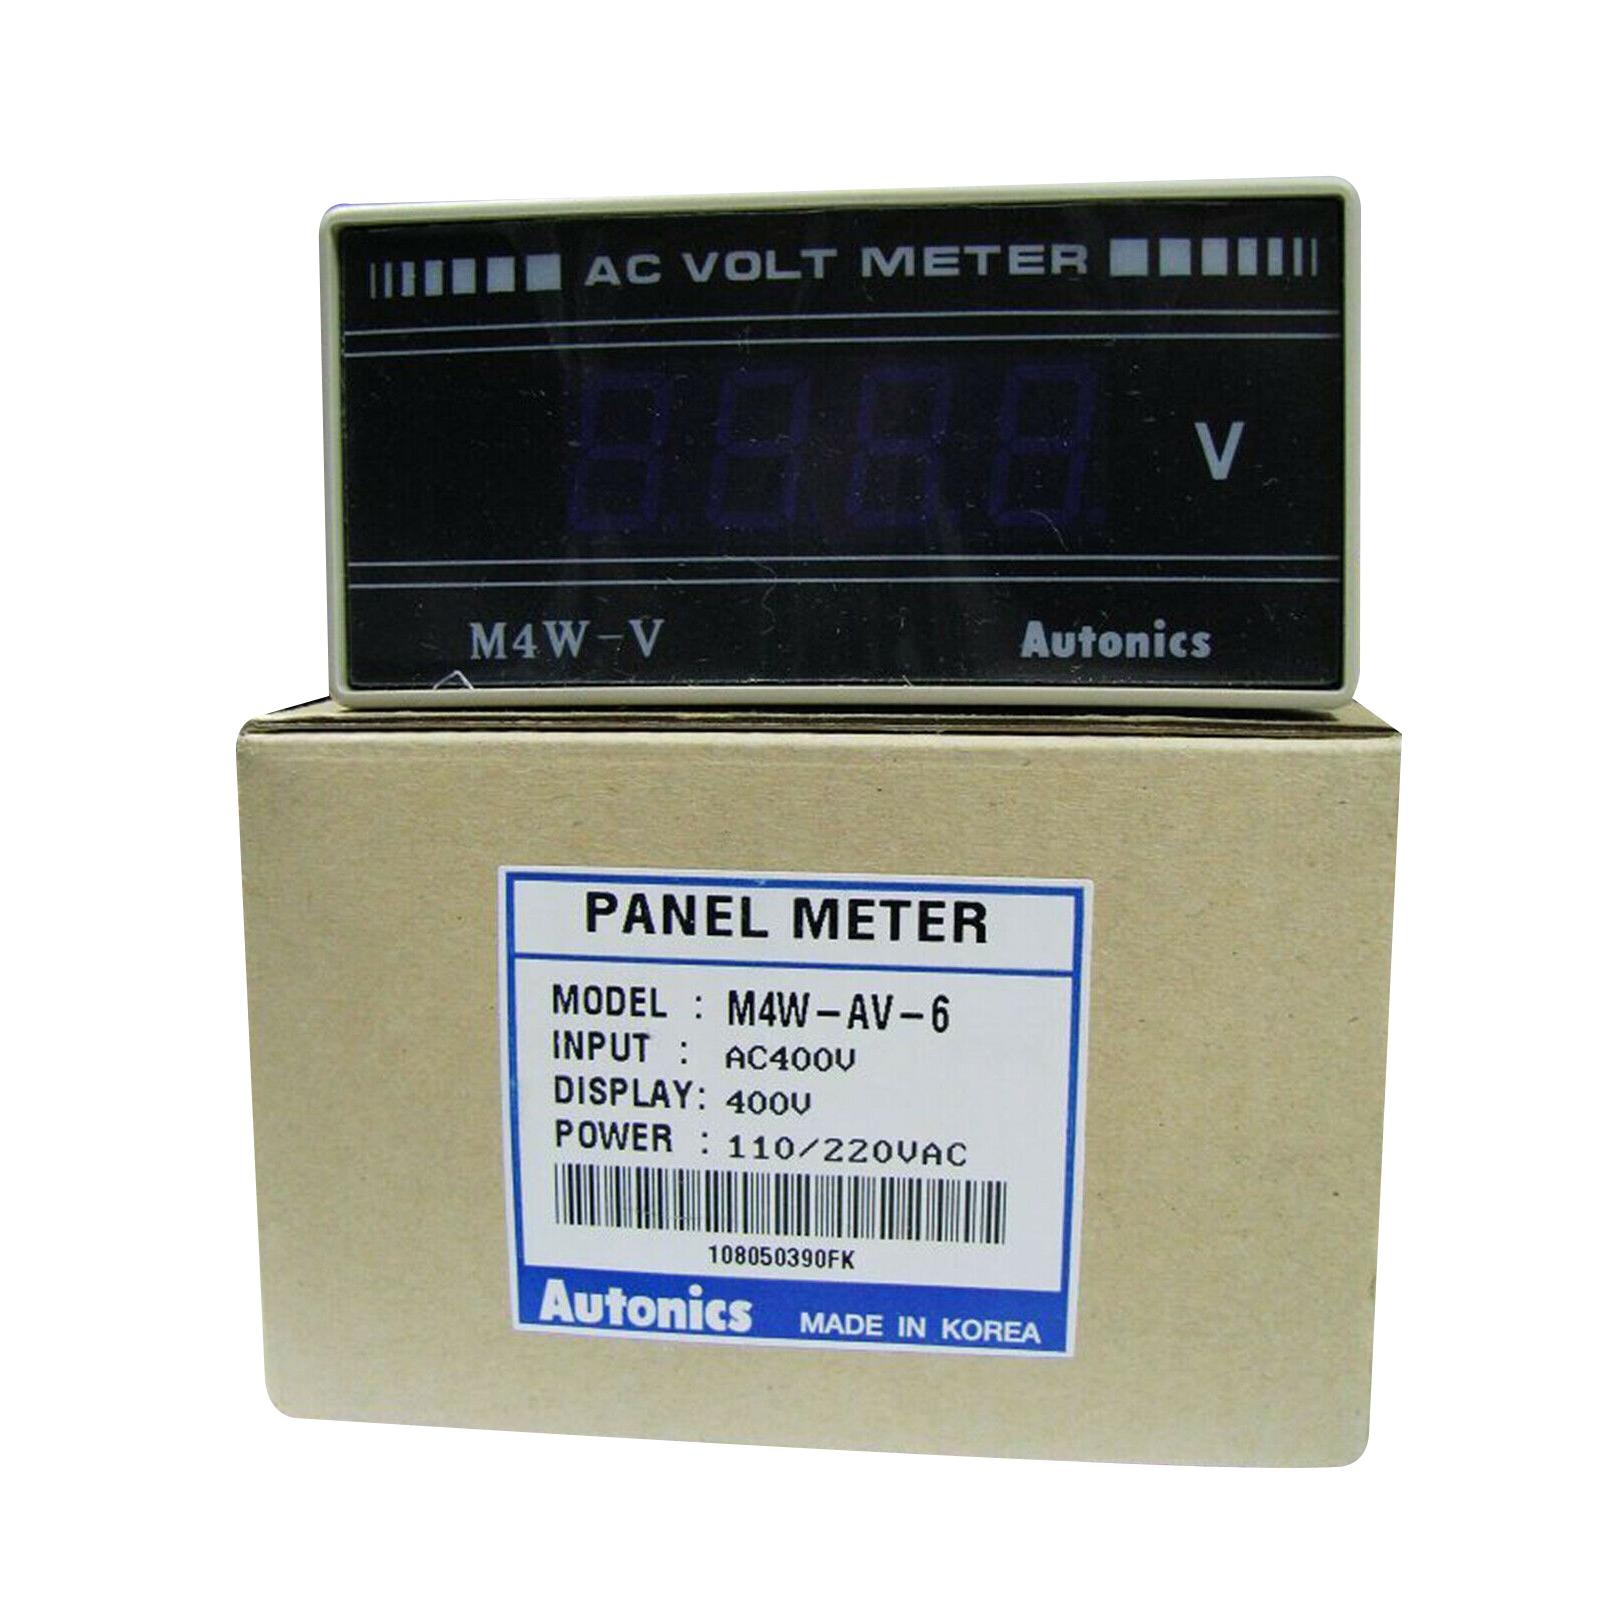 Đồng hồ đo đa năng Autonics M4W-AV-6